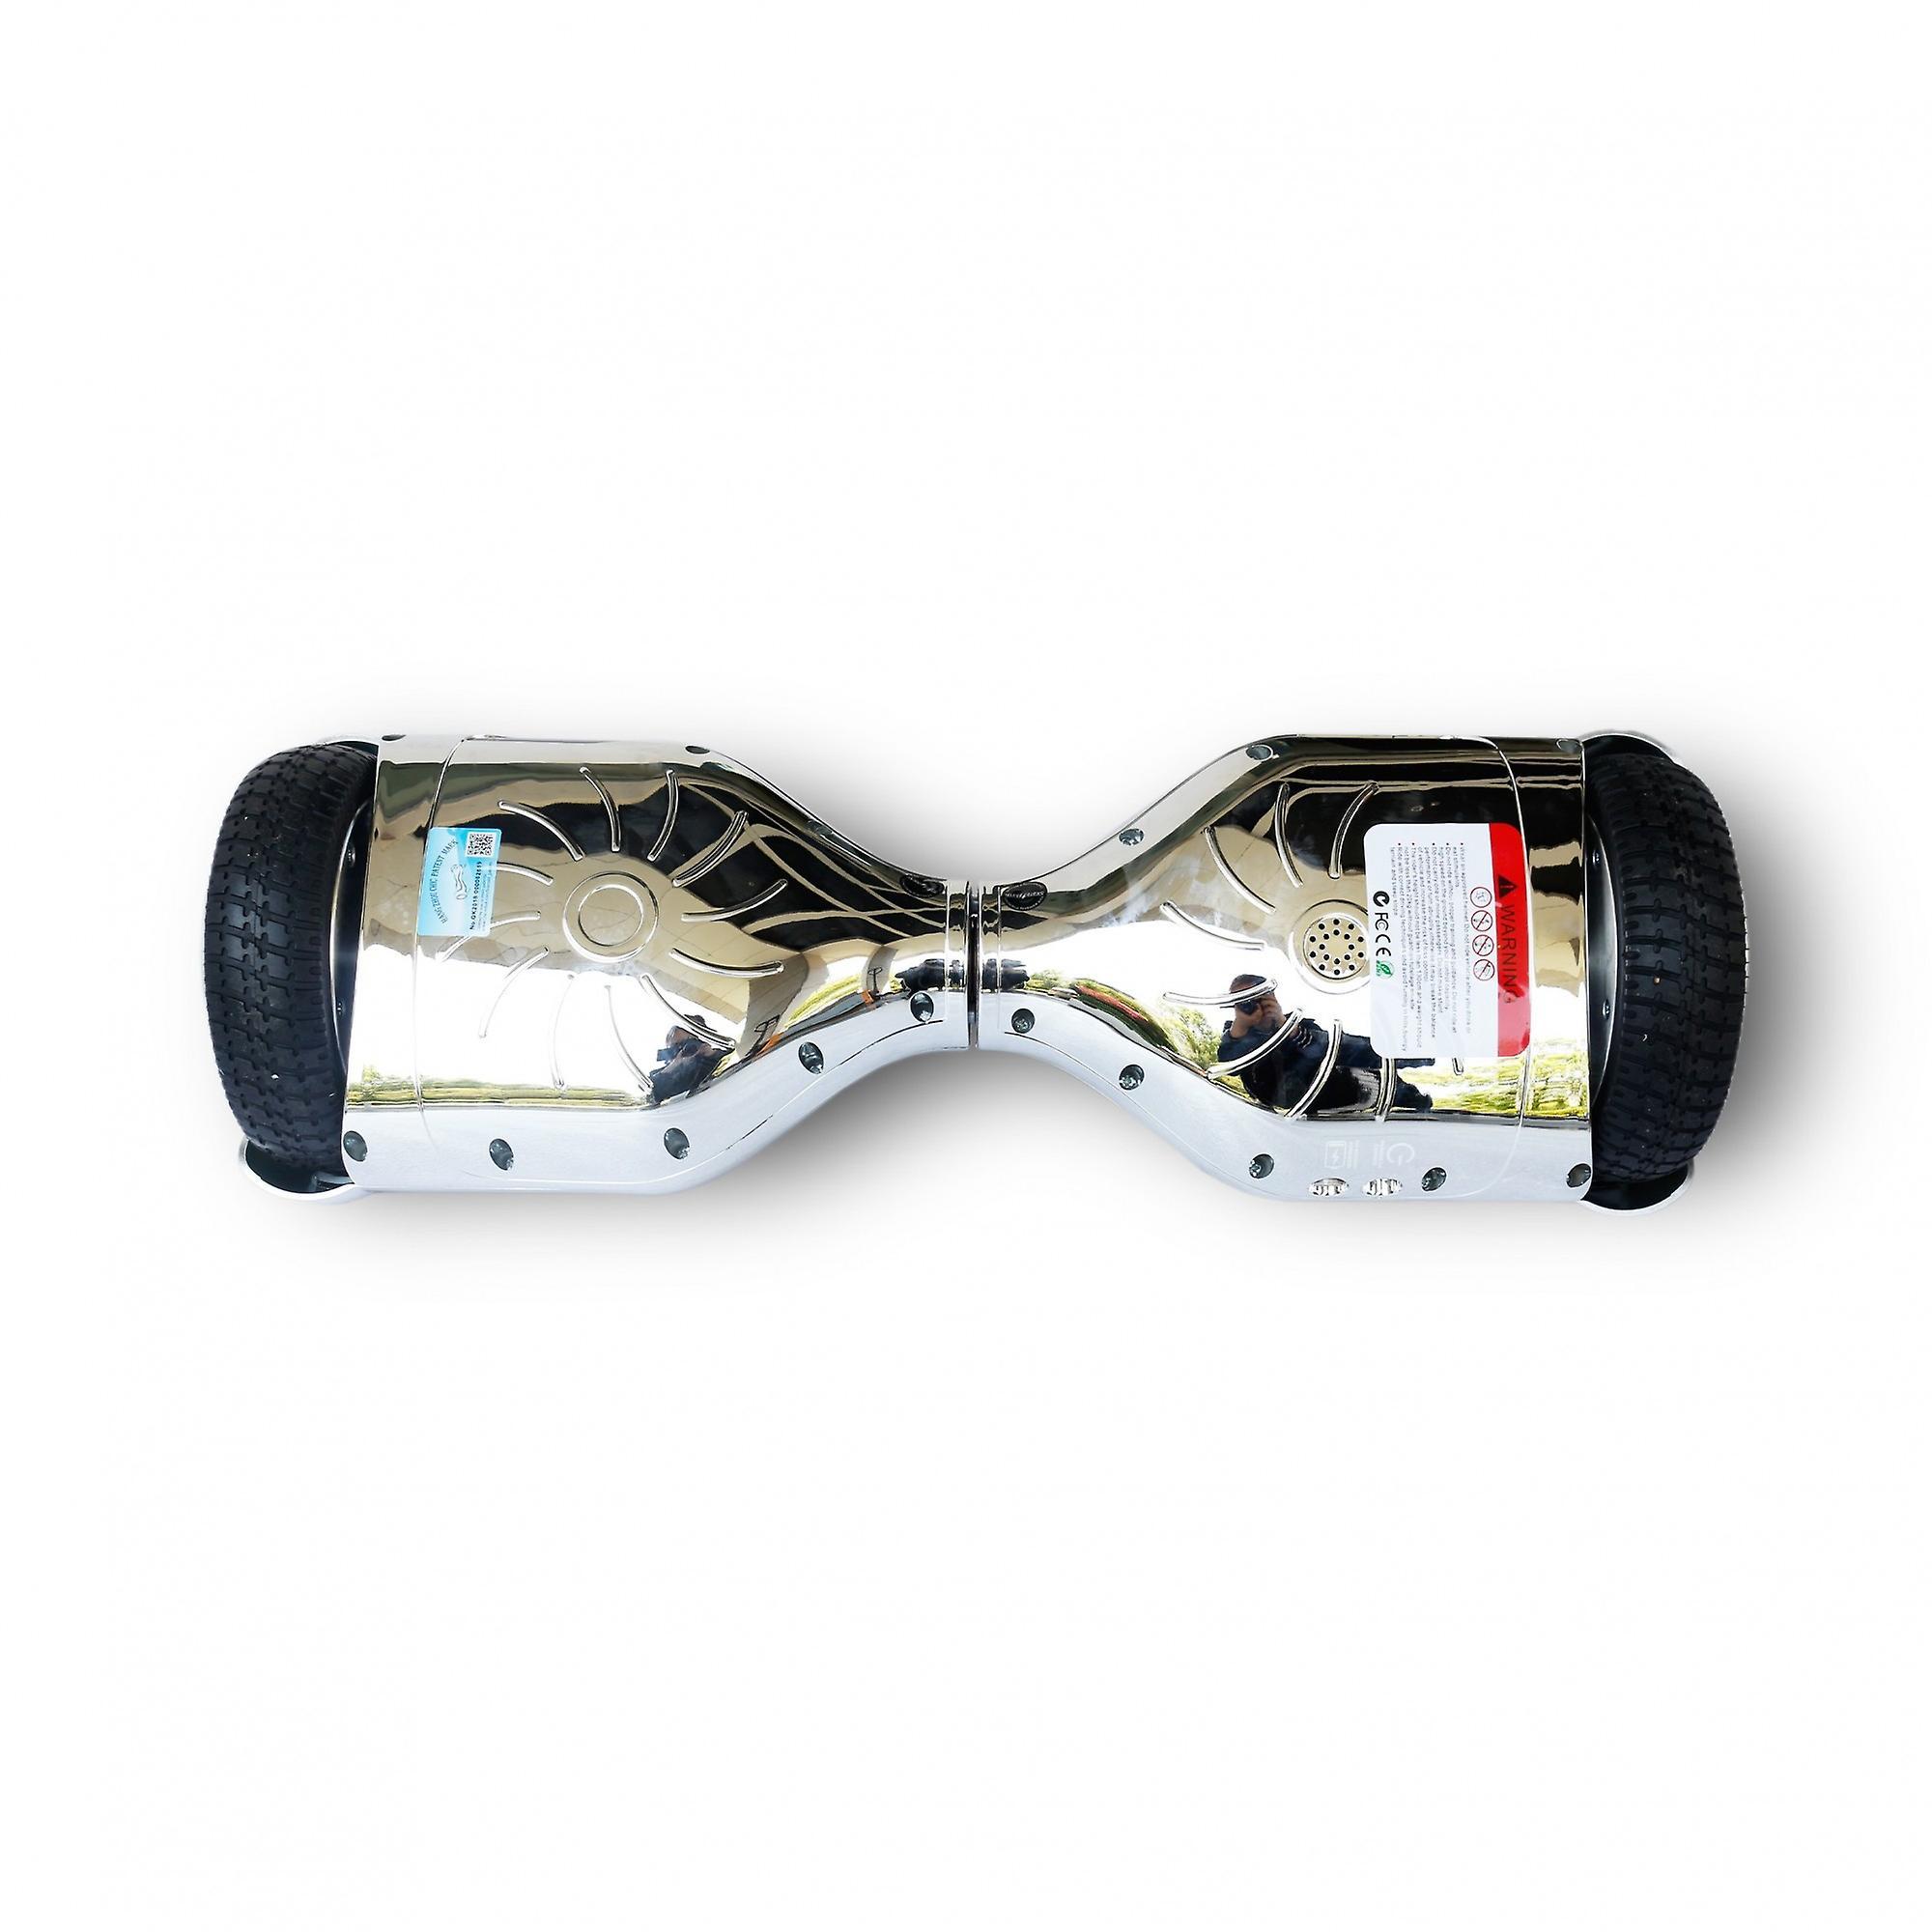 Hoverboard Skateflash K6 Chrome Silver Bluetooth + Transport Bag